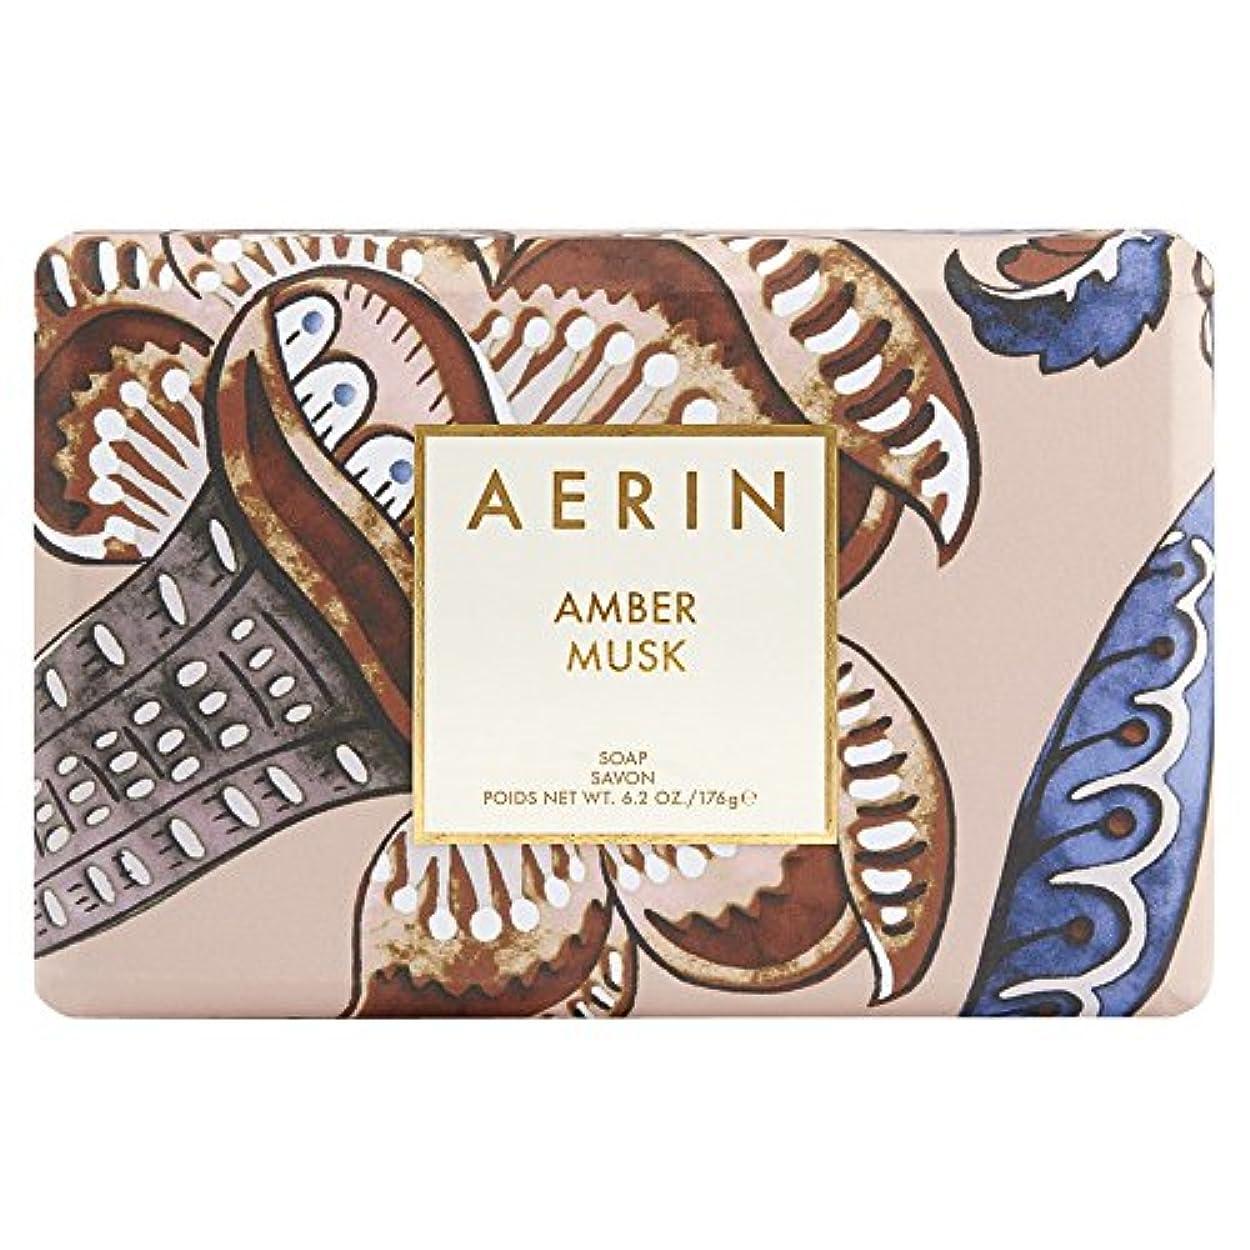 シェルターしなやか初心者Aerinアンバームスクソープ176グラム (AERIN) (x2) - AERIN Amber Musk Soap 176g (Pack of 2) [並行輸入品]